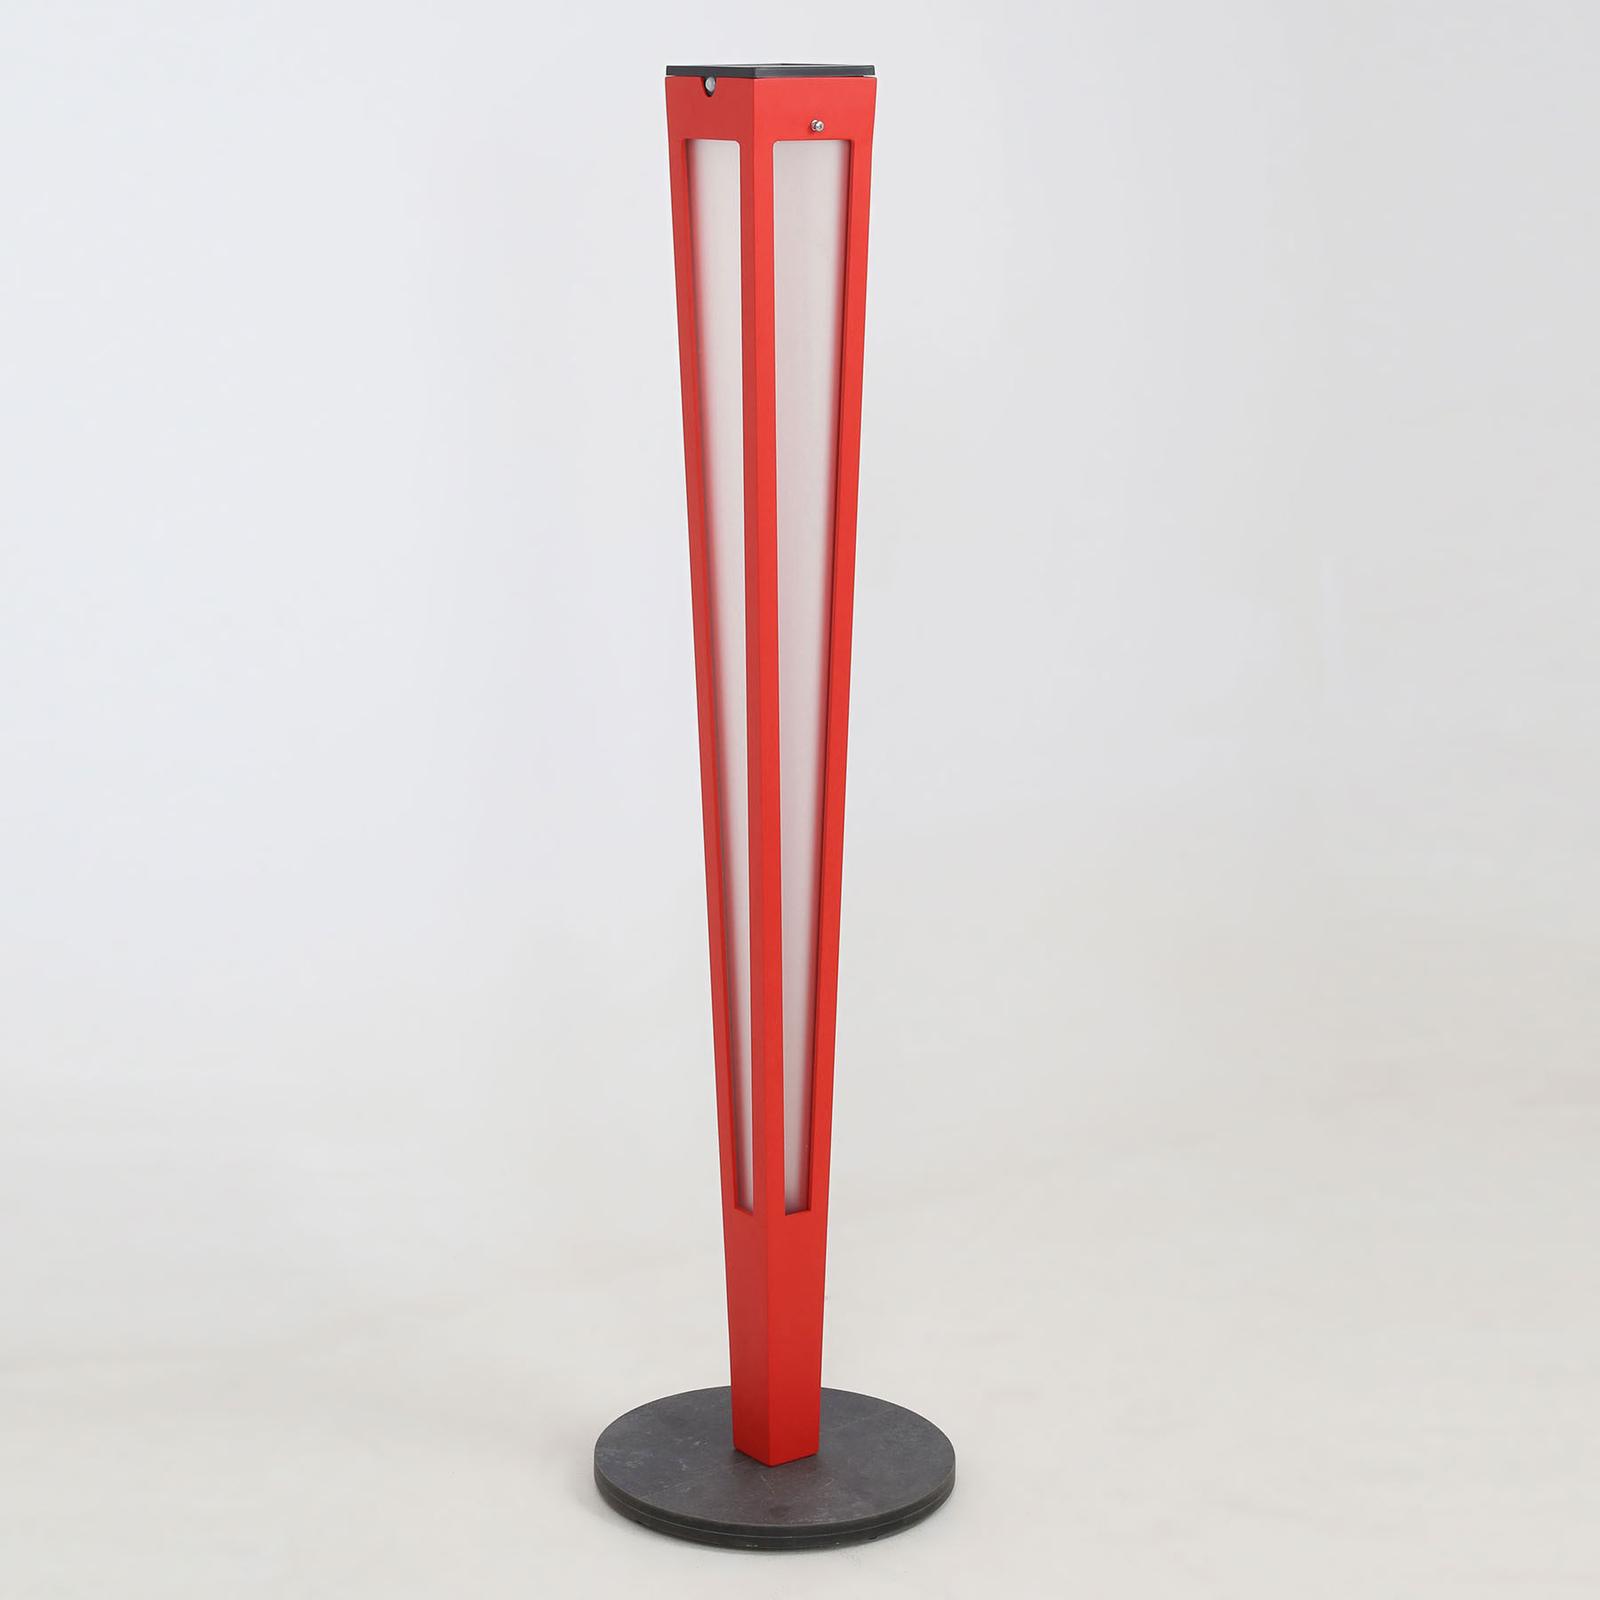 Pochodnia solarna LED Tinka czujnik 120cm czerwona